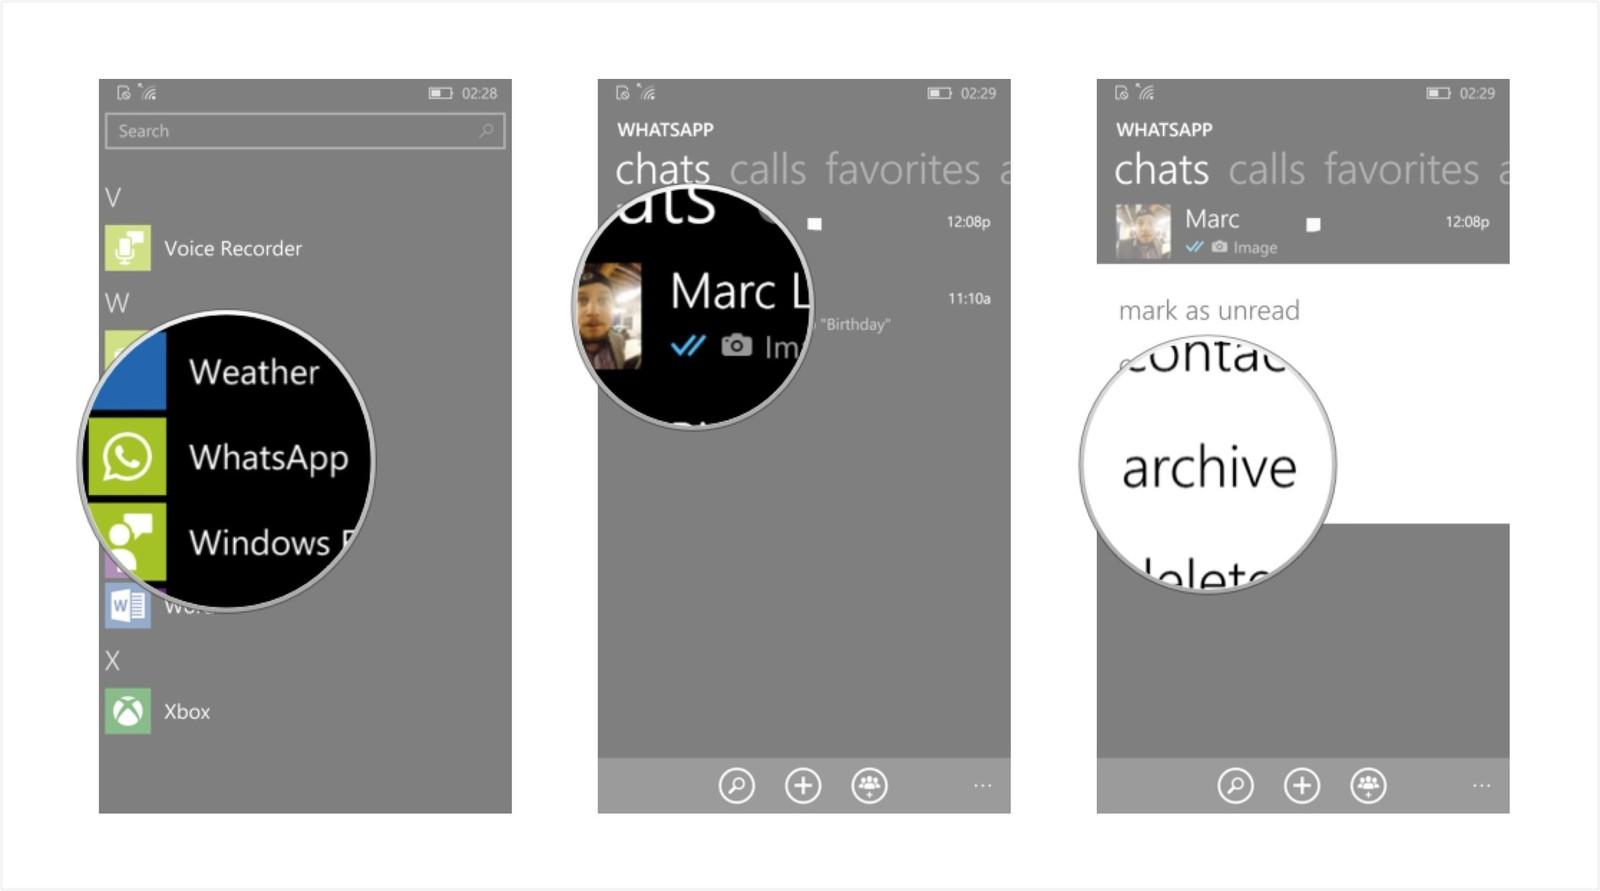 Как сохранить переписку и создать резервную копию сообщений в WhatsApp - архивировать чат